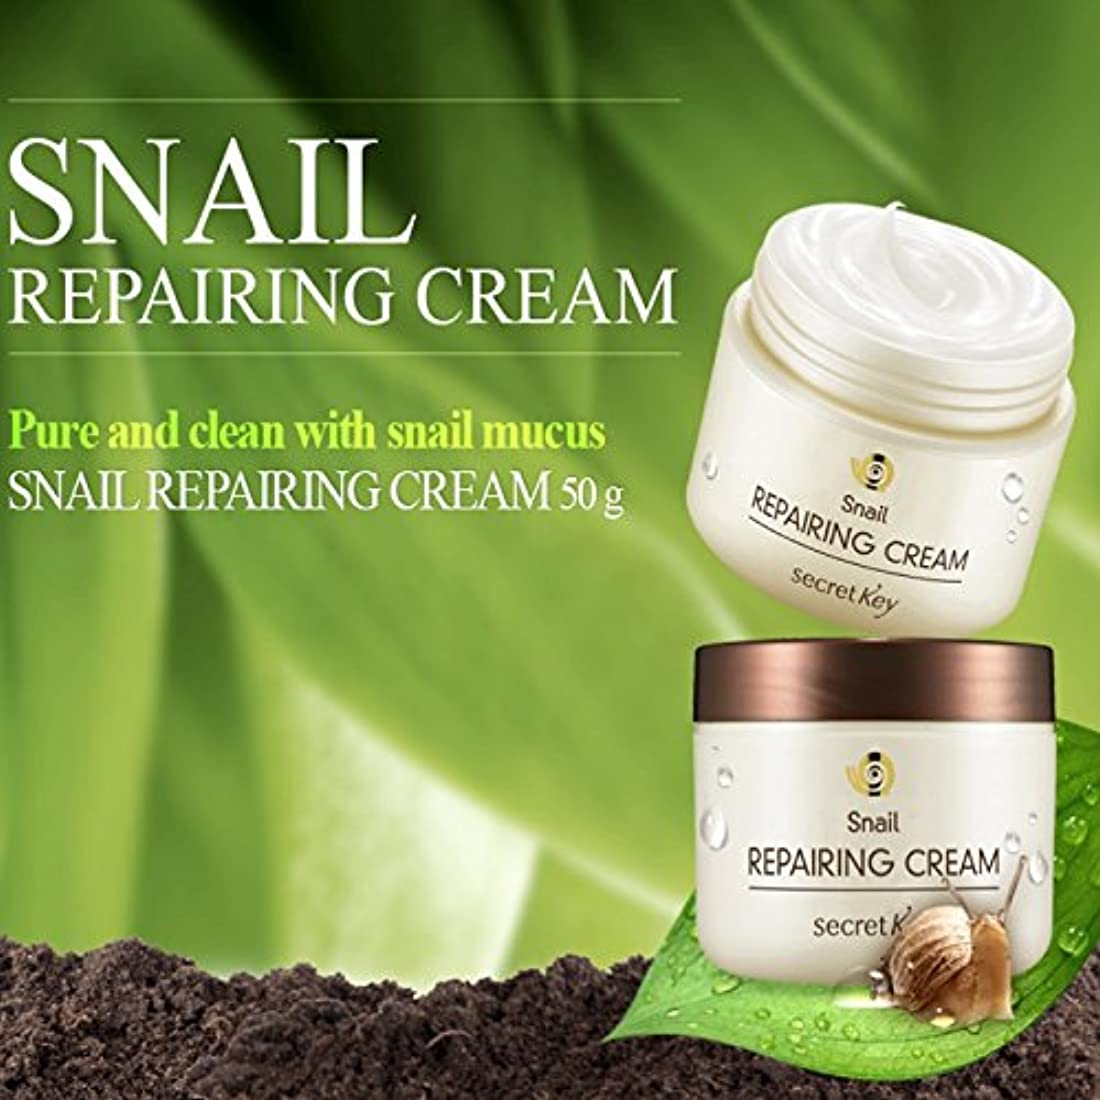 がっかりする定刻勢いSecret Key Snail Repairing Cream Renewal 50g /シークレットキー スネイル リペアリング /100% Authentic direct from Korea/w 2 Gift...